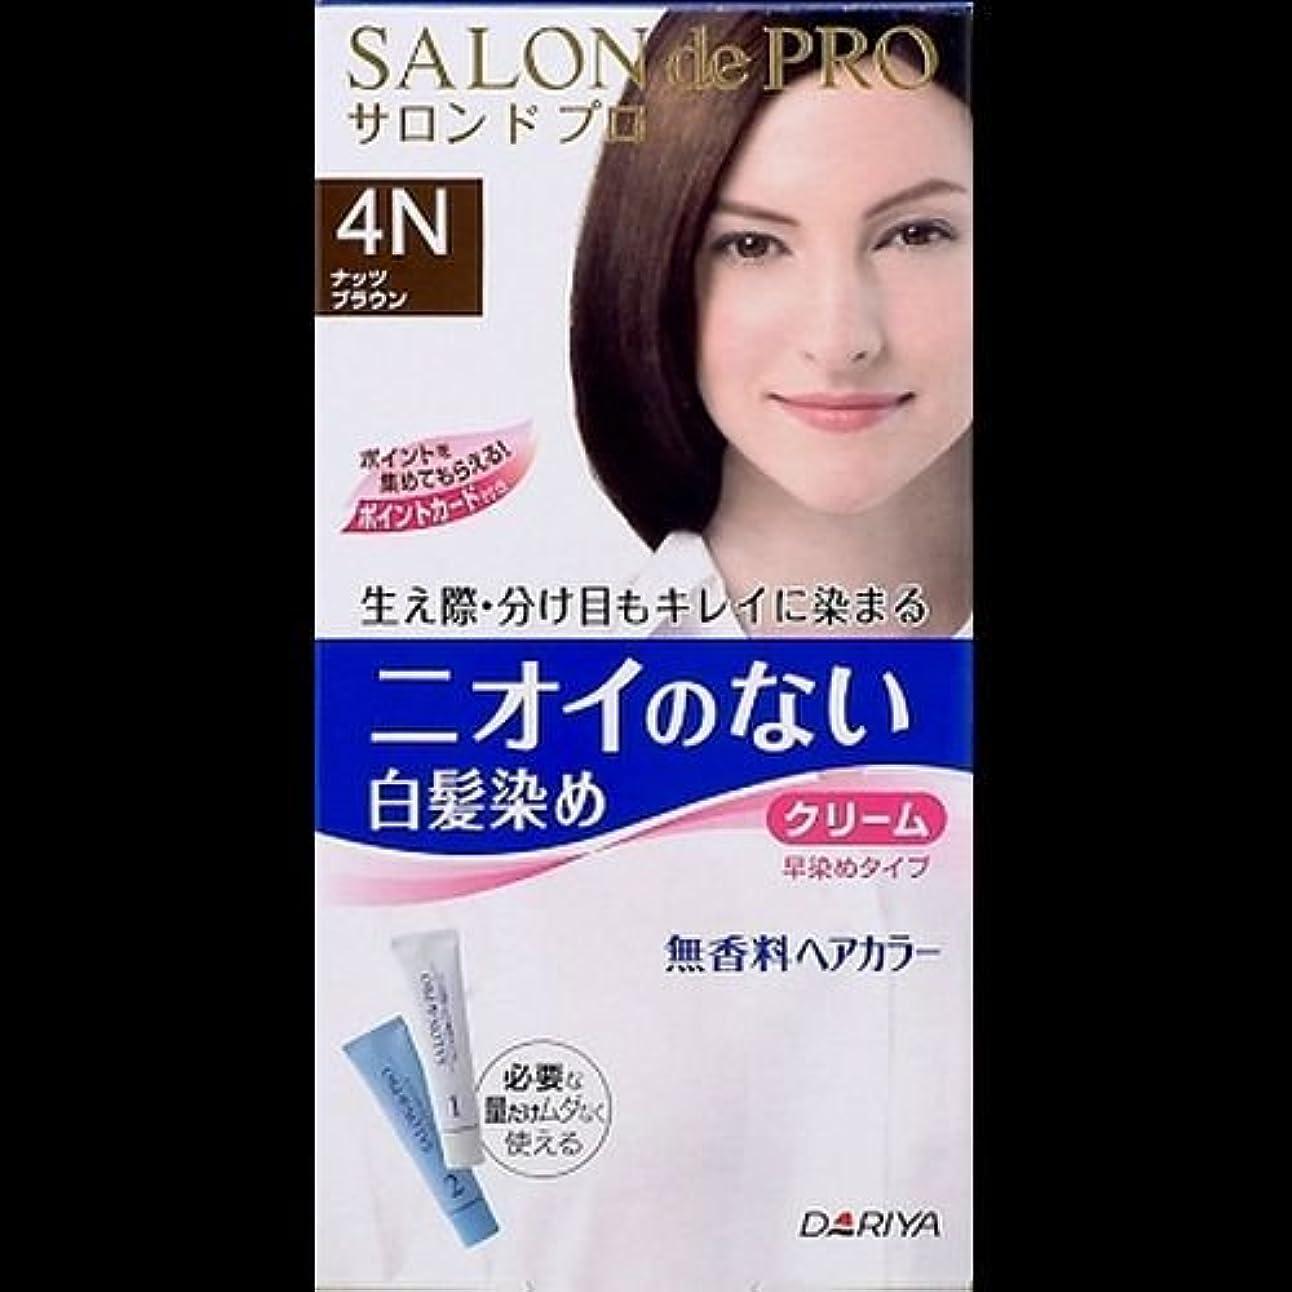 【まとめ買い】サロンドプロ無香料ヘアカラー早染めクリーム4N ×2セット